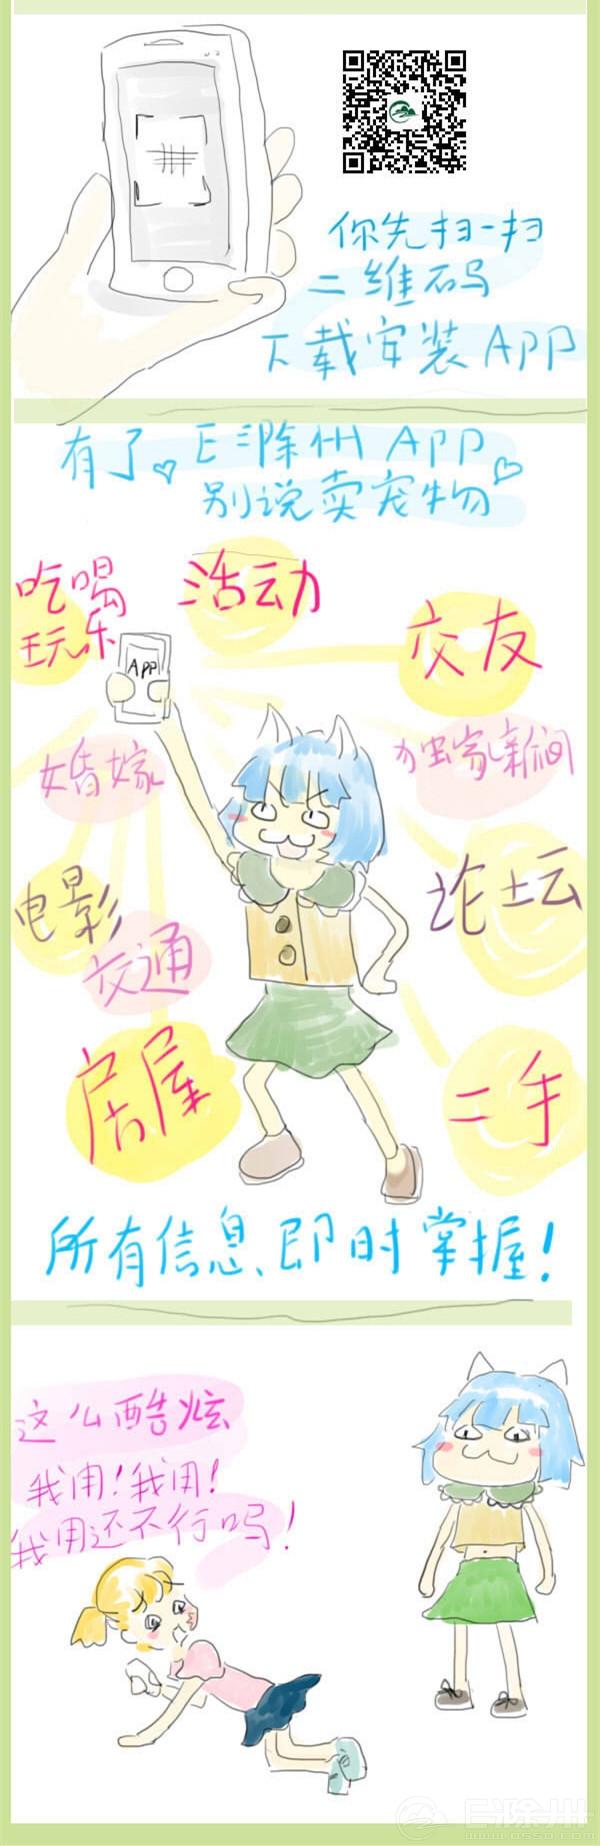 APP宣传漫画改_副本2.jpg